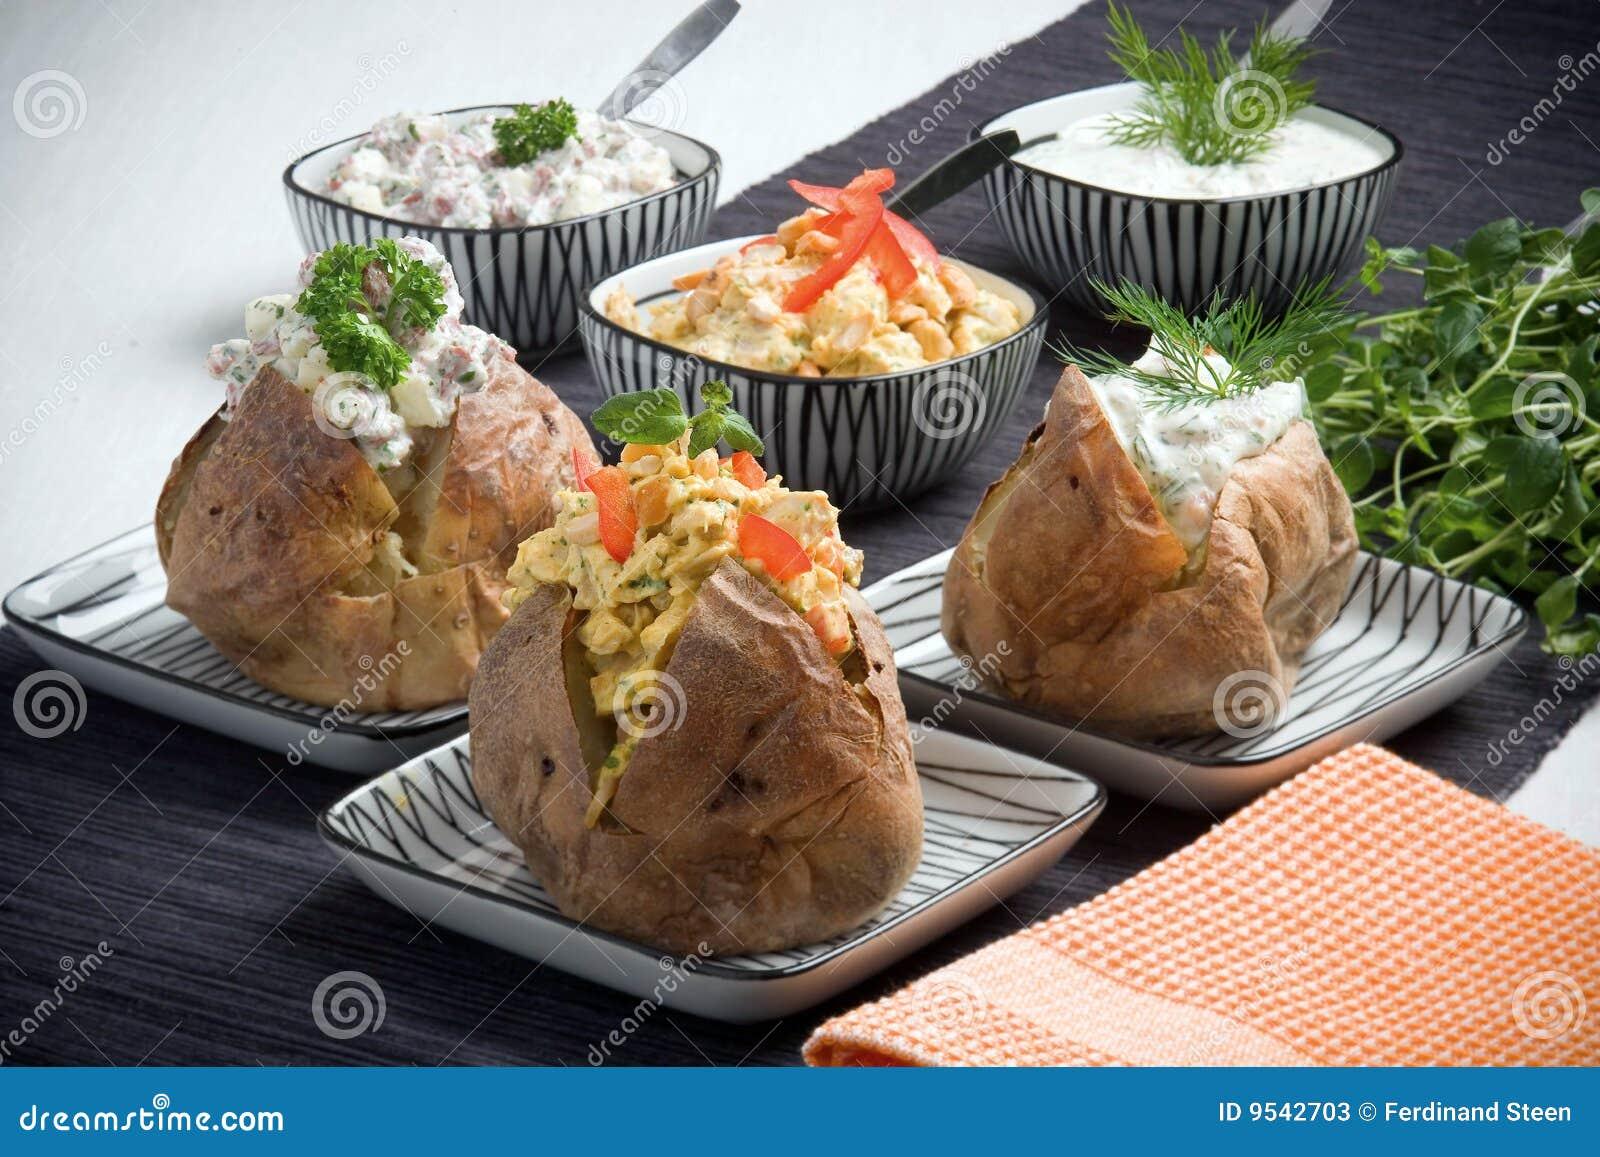 Patata cocida al horno